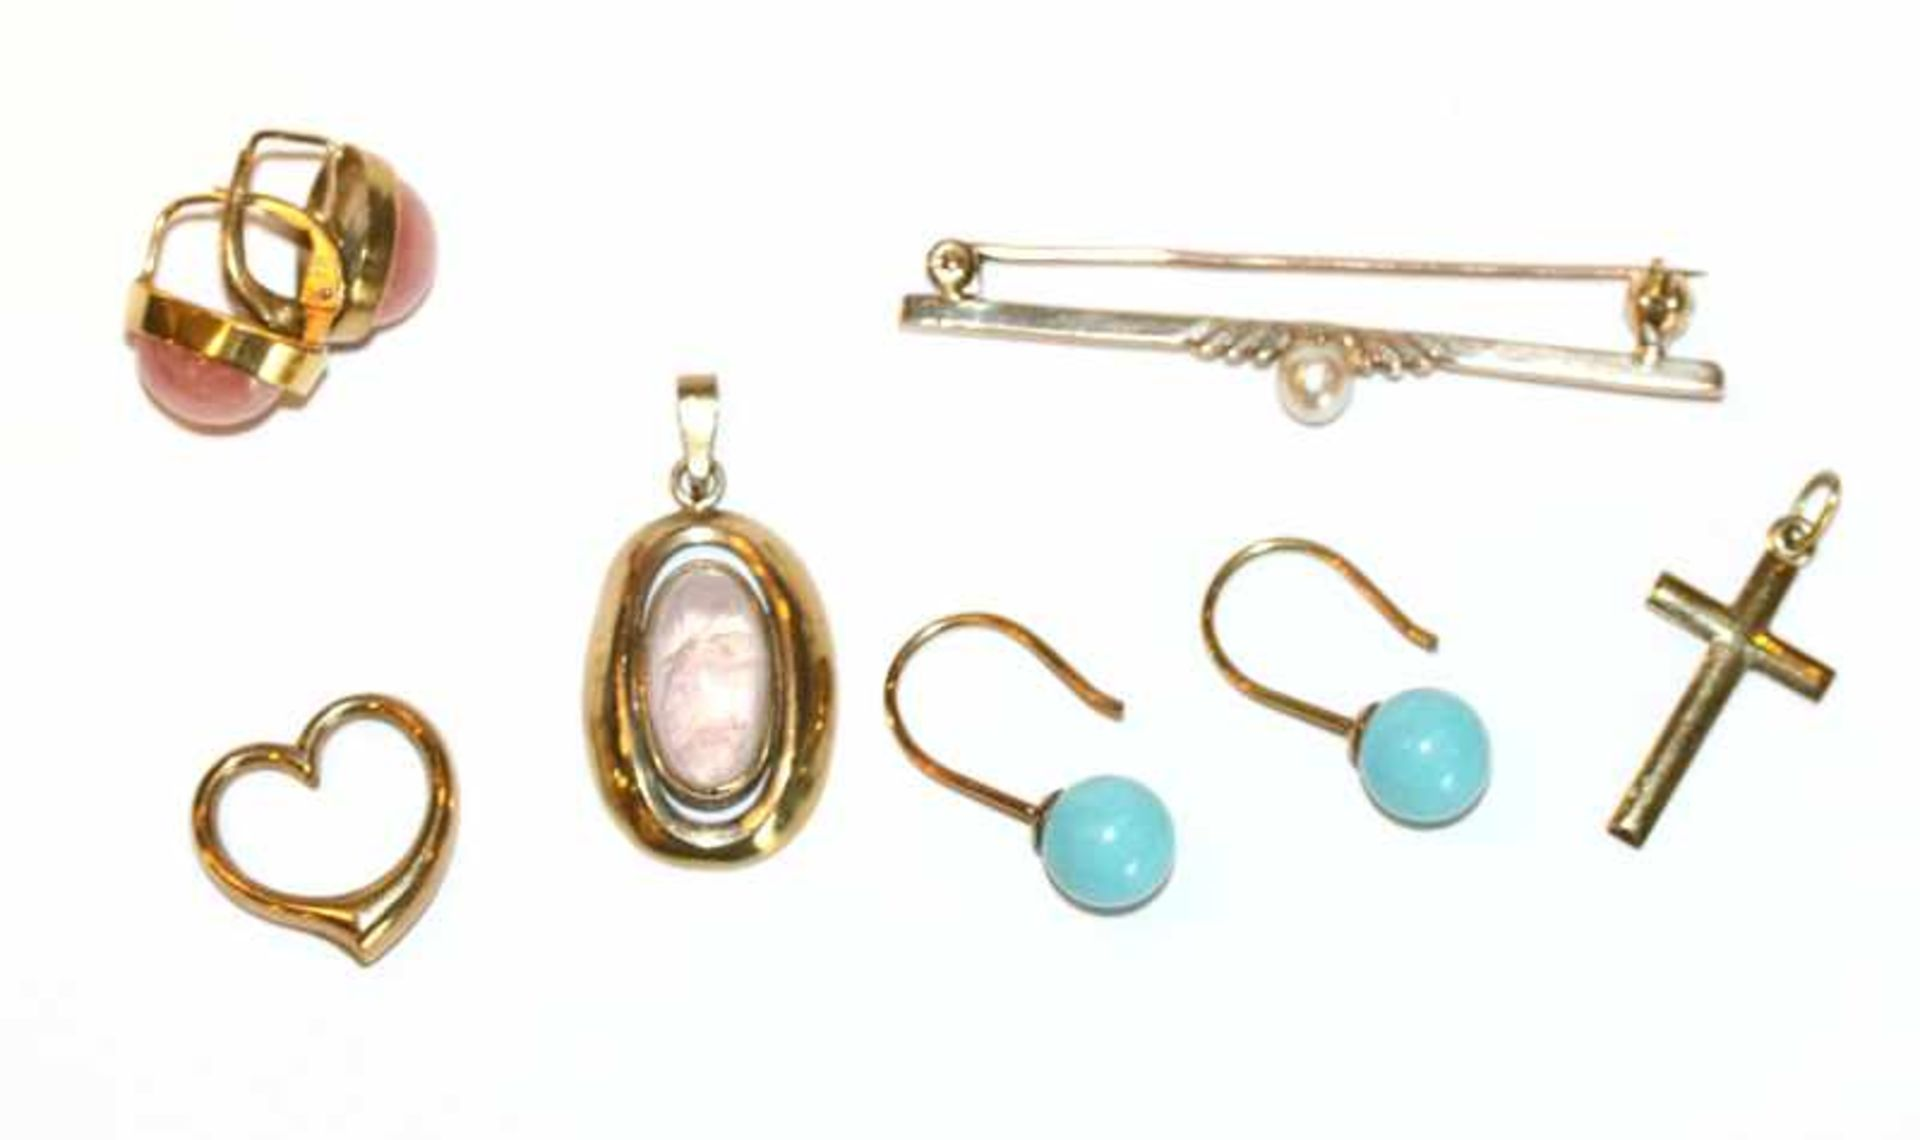 Los 56 - Konvolut von 8 k Gelbgold Schmuck: Paar Ohrhänger mit Rhodochrosit, Paar Ohrhänger mit hellblauen